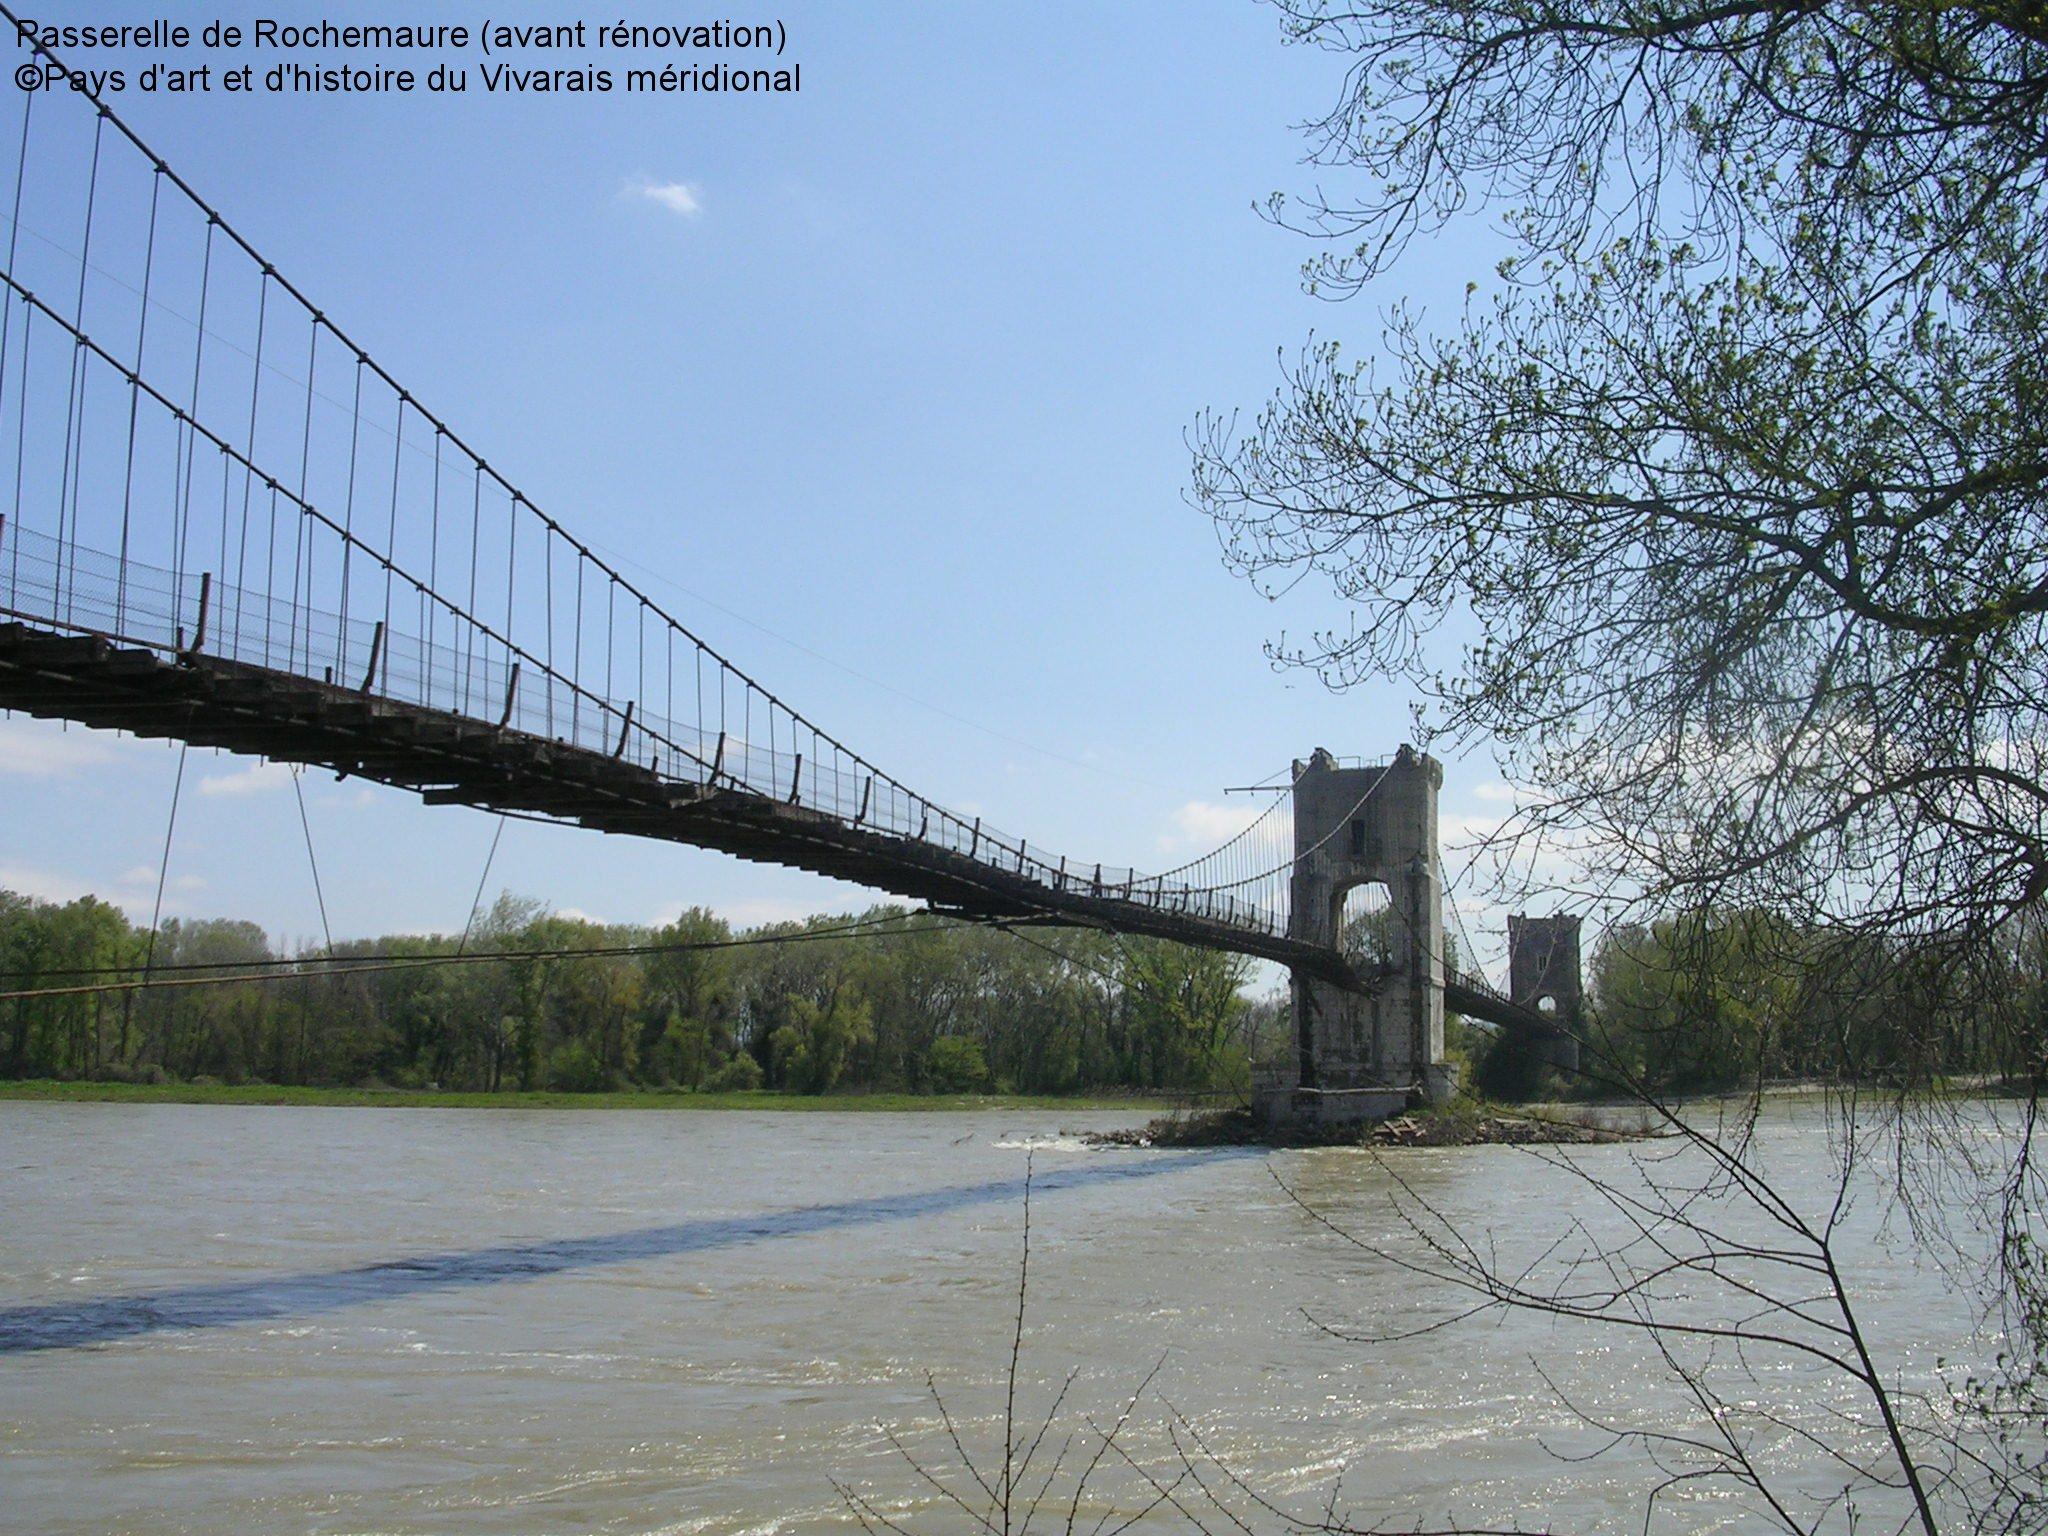 Le vieux pont sur le Rhône au Teil en Ardeche